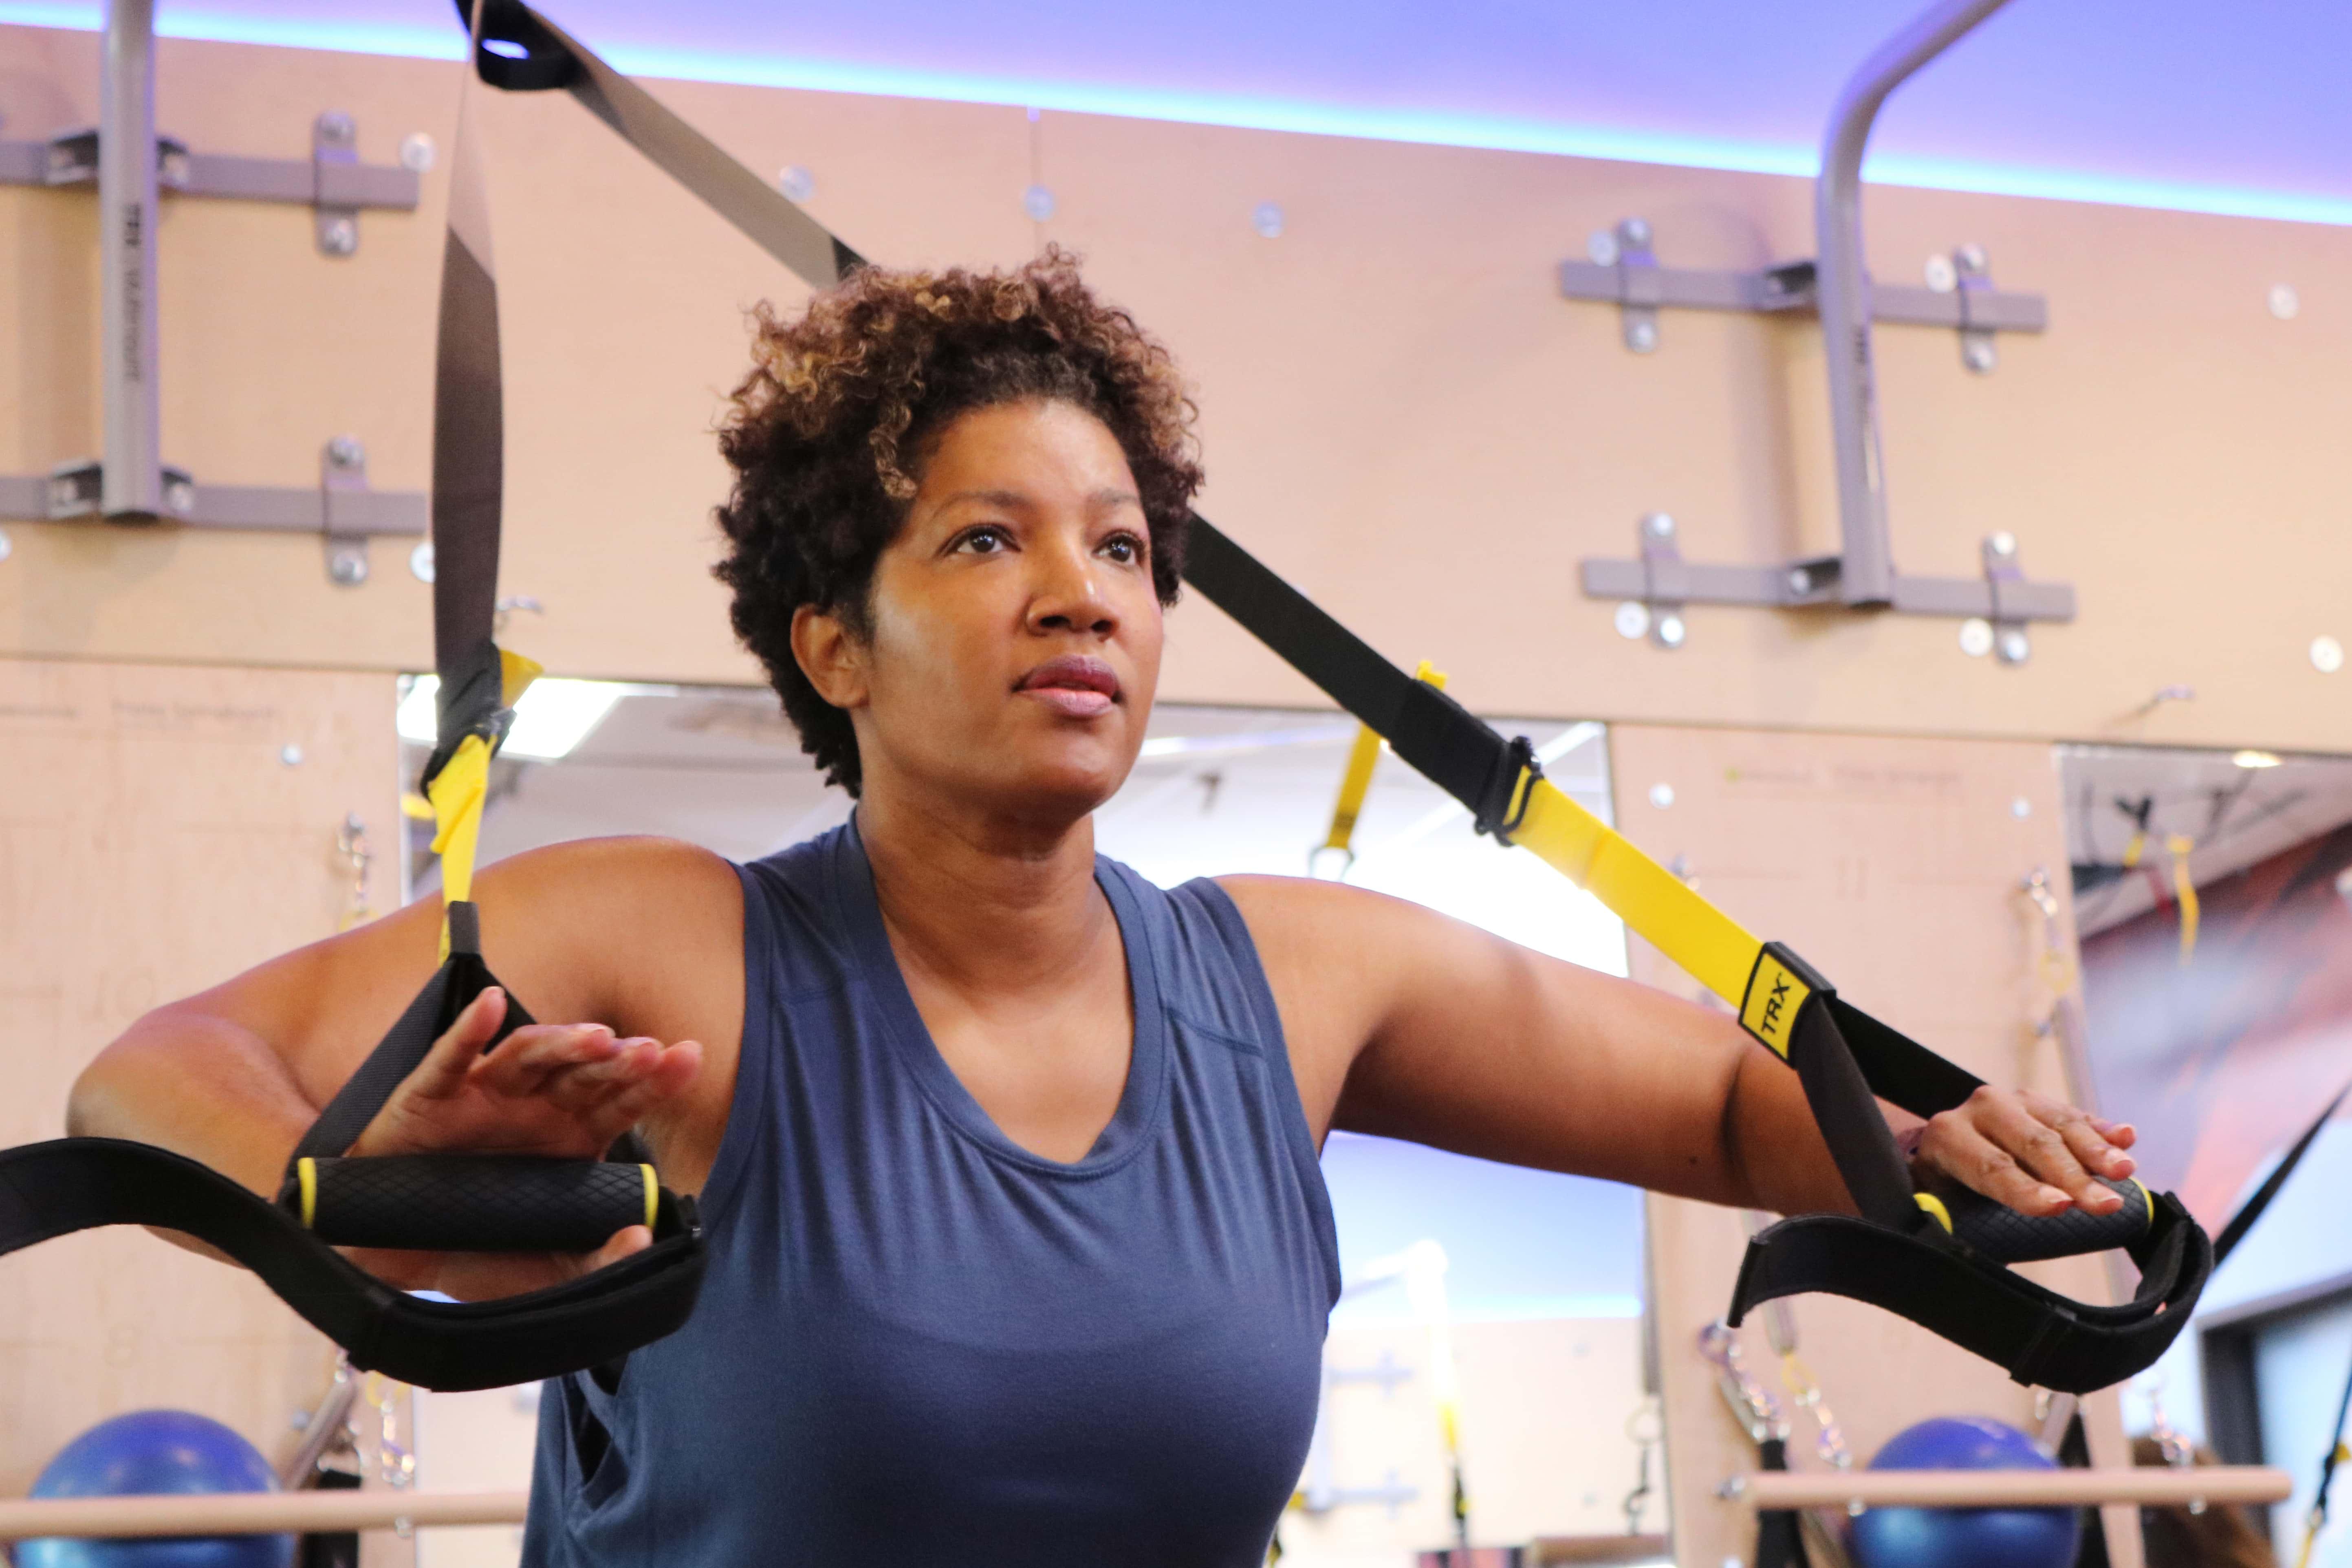 Club Pilates Franchise Gym Members